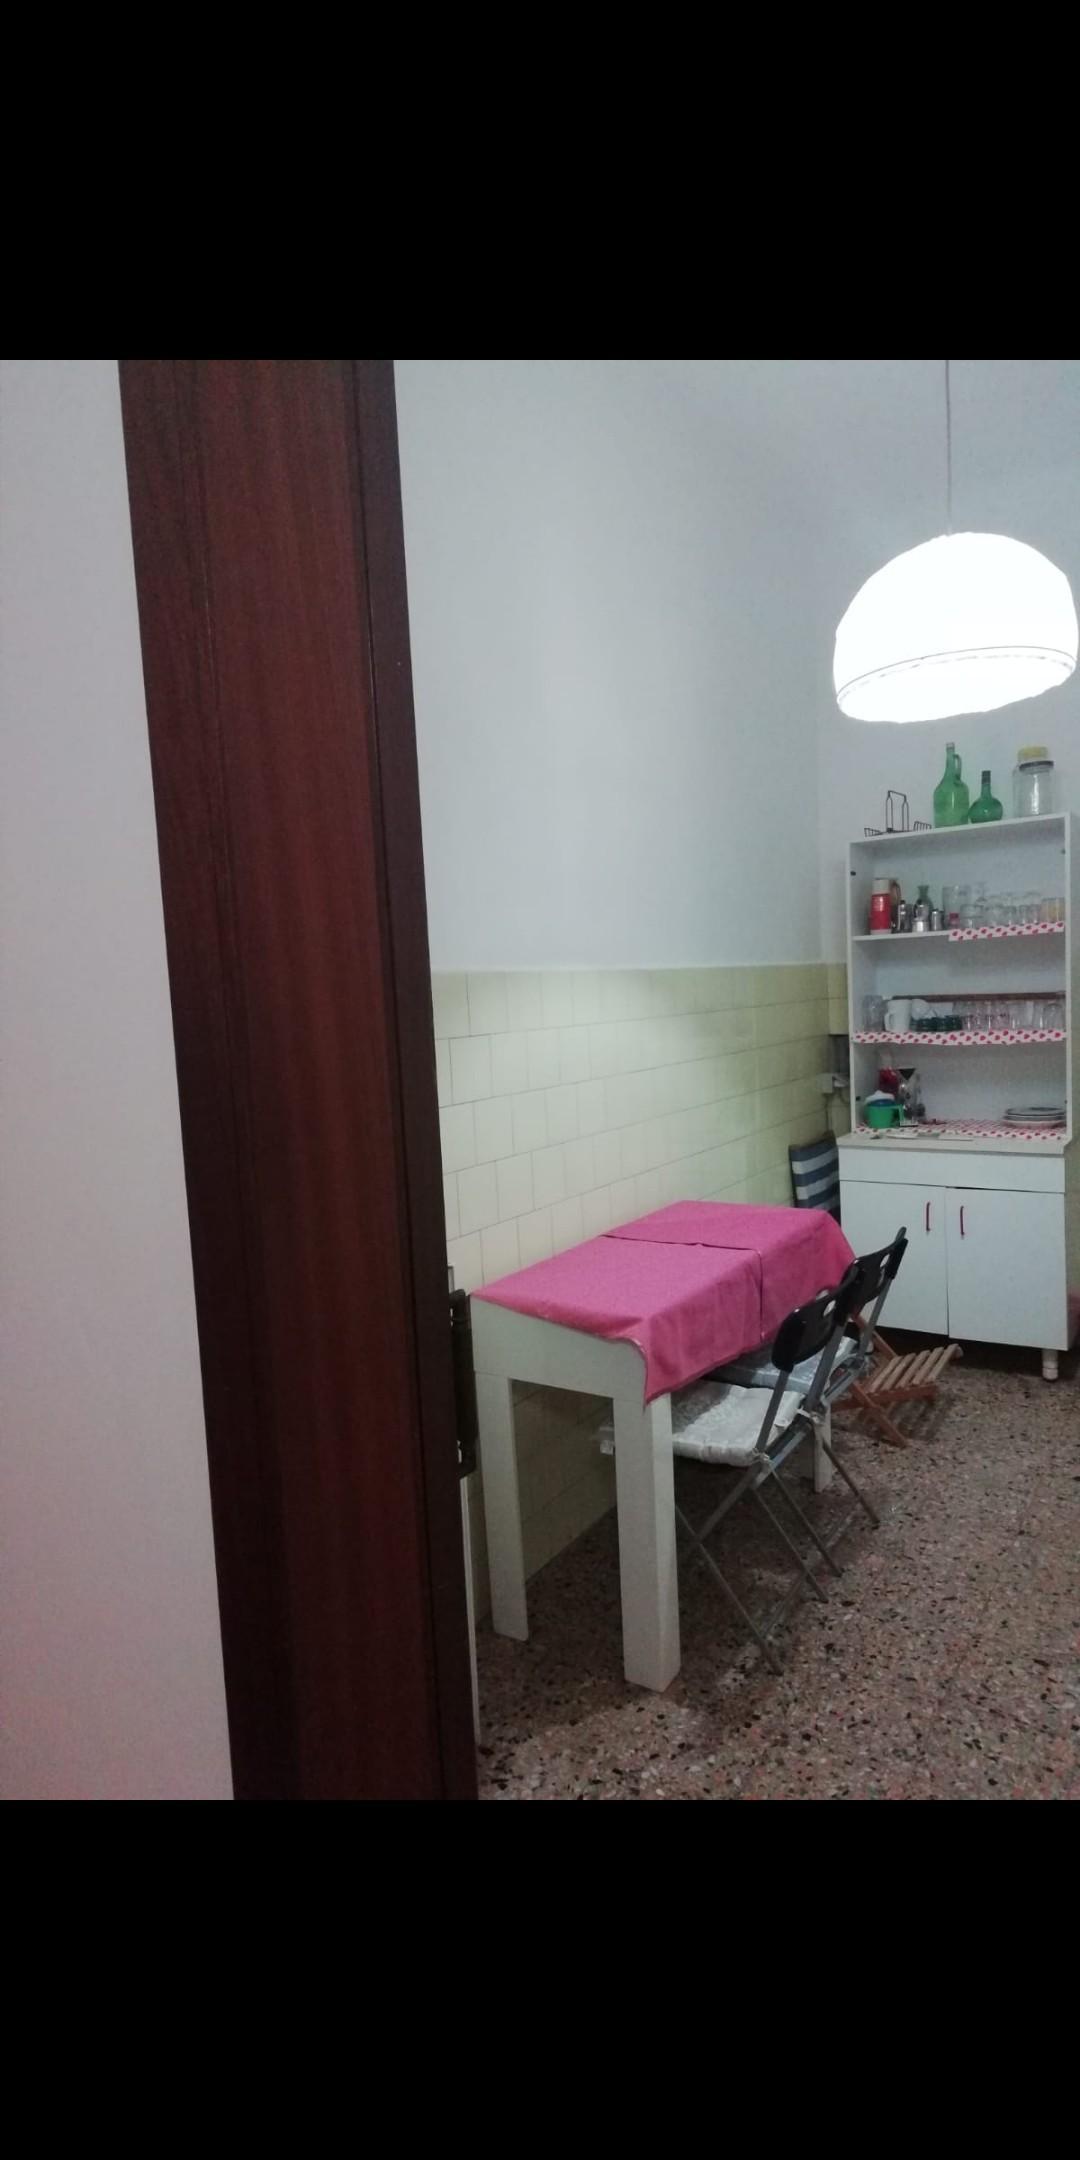 Camera in appartamento luminoso a Lecce, tra Università e centro